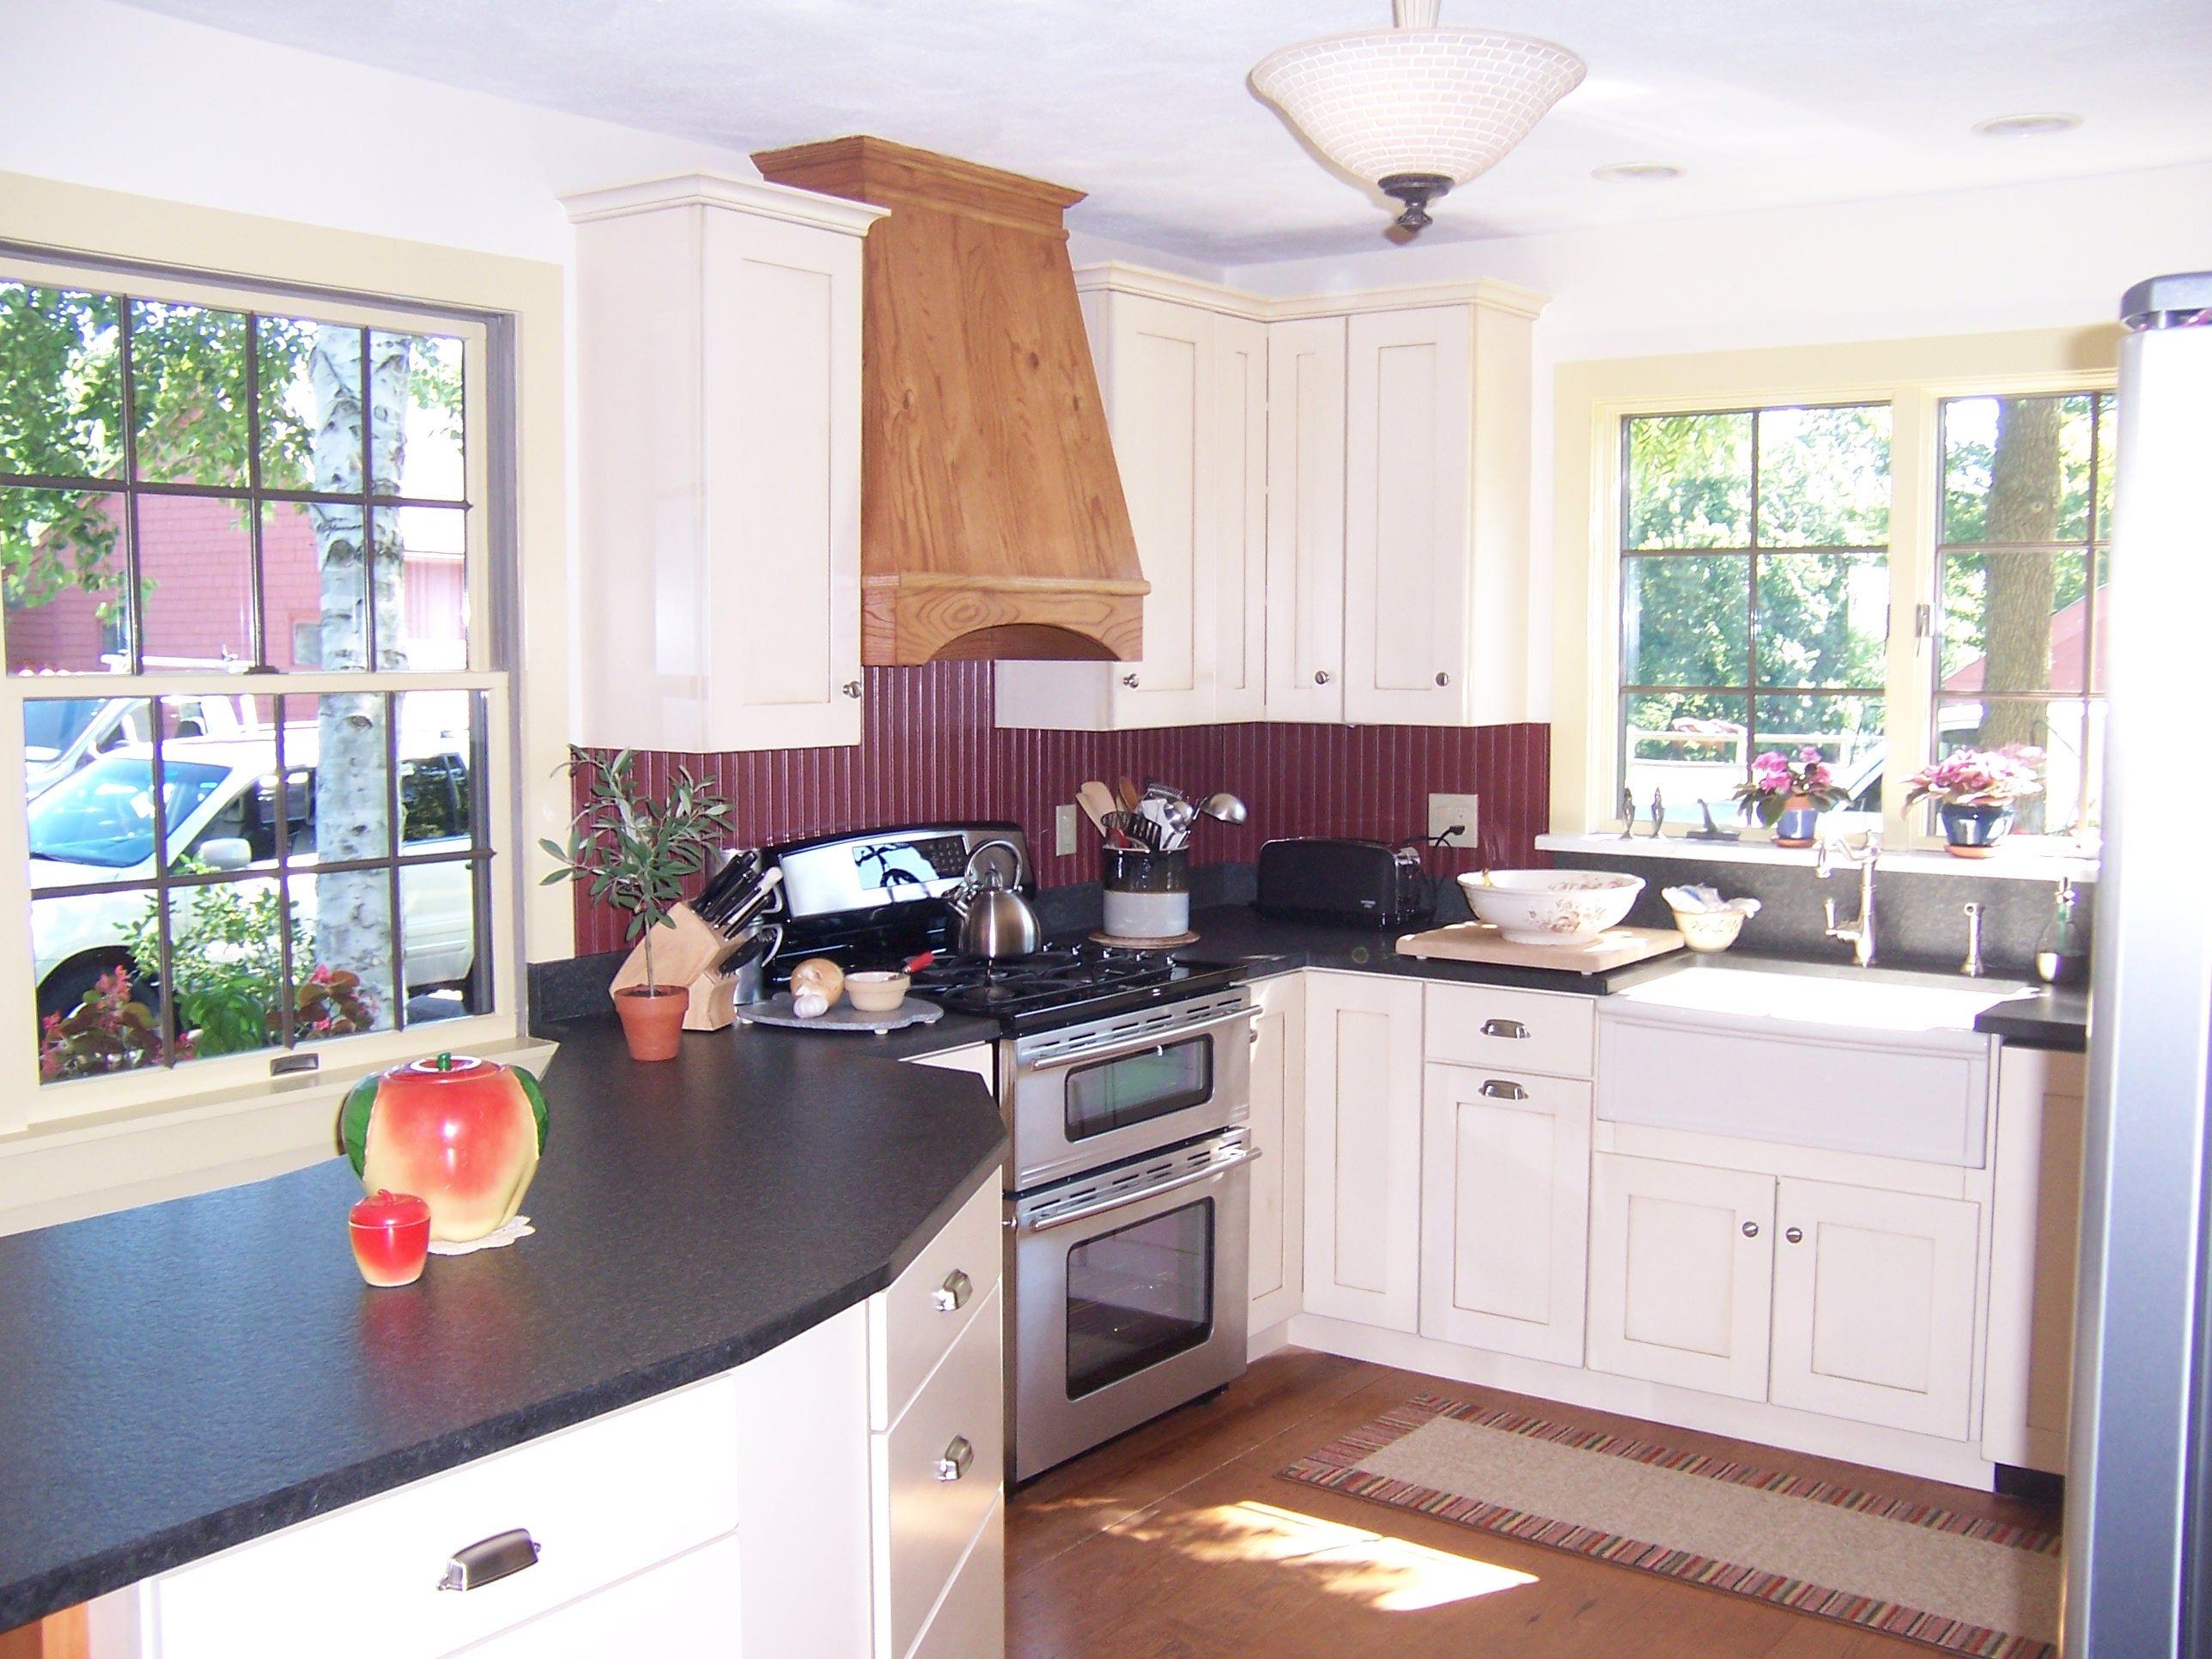 161.jpg (2576×1932) | House Home | Pinterest | Custom kitchen ...